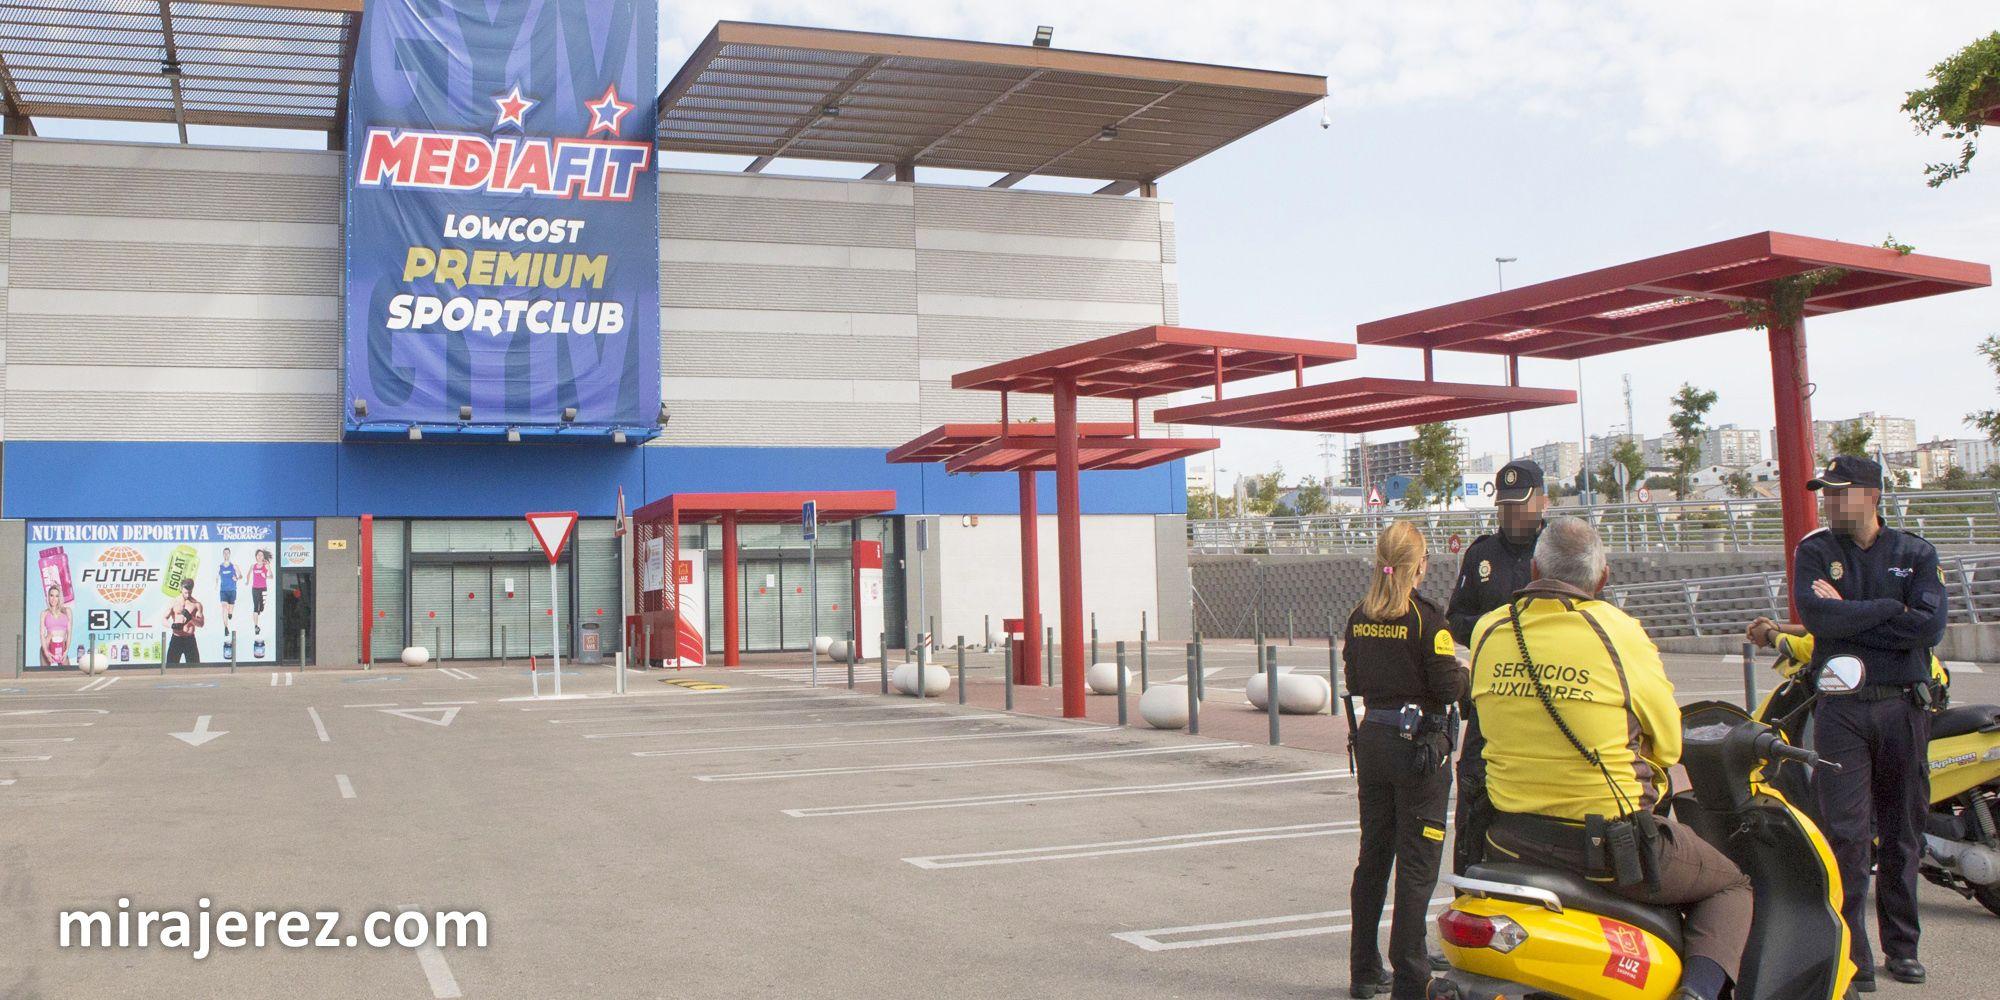 Agentes de la Policía Nacional y del servicio de seguridad del parque custodian la entrada al parking de MediaFit   Juan Carlos Corchado para MIRA Jerez